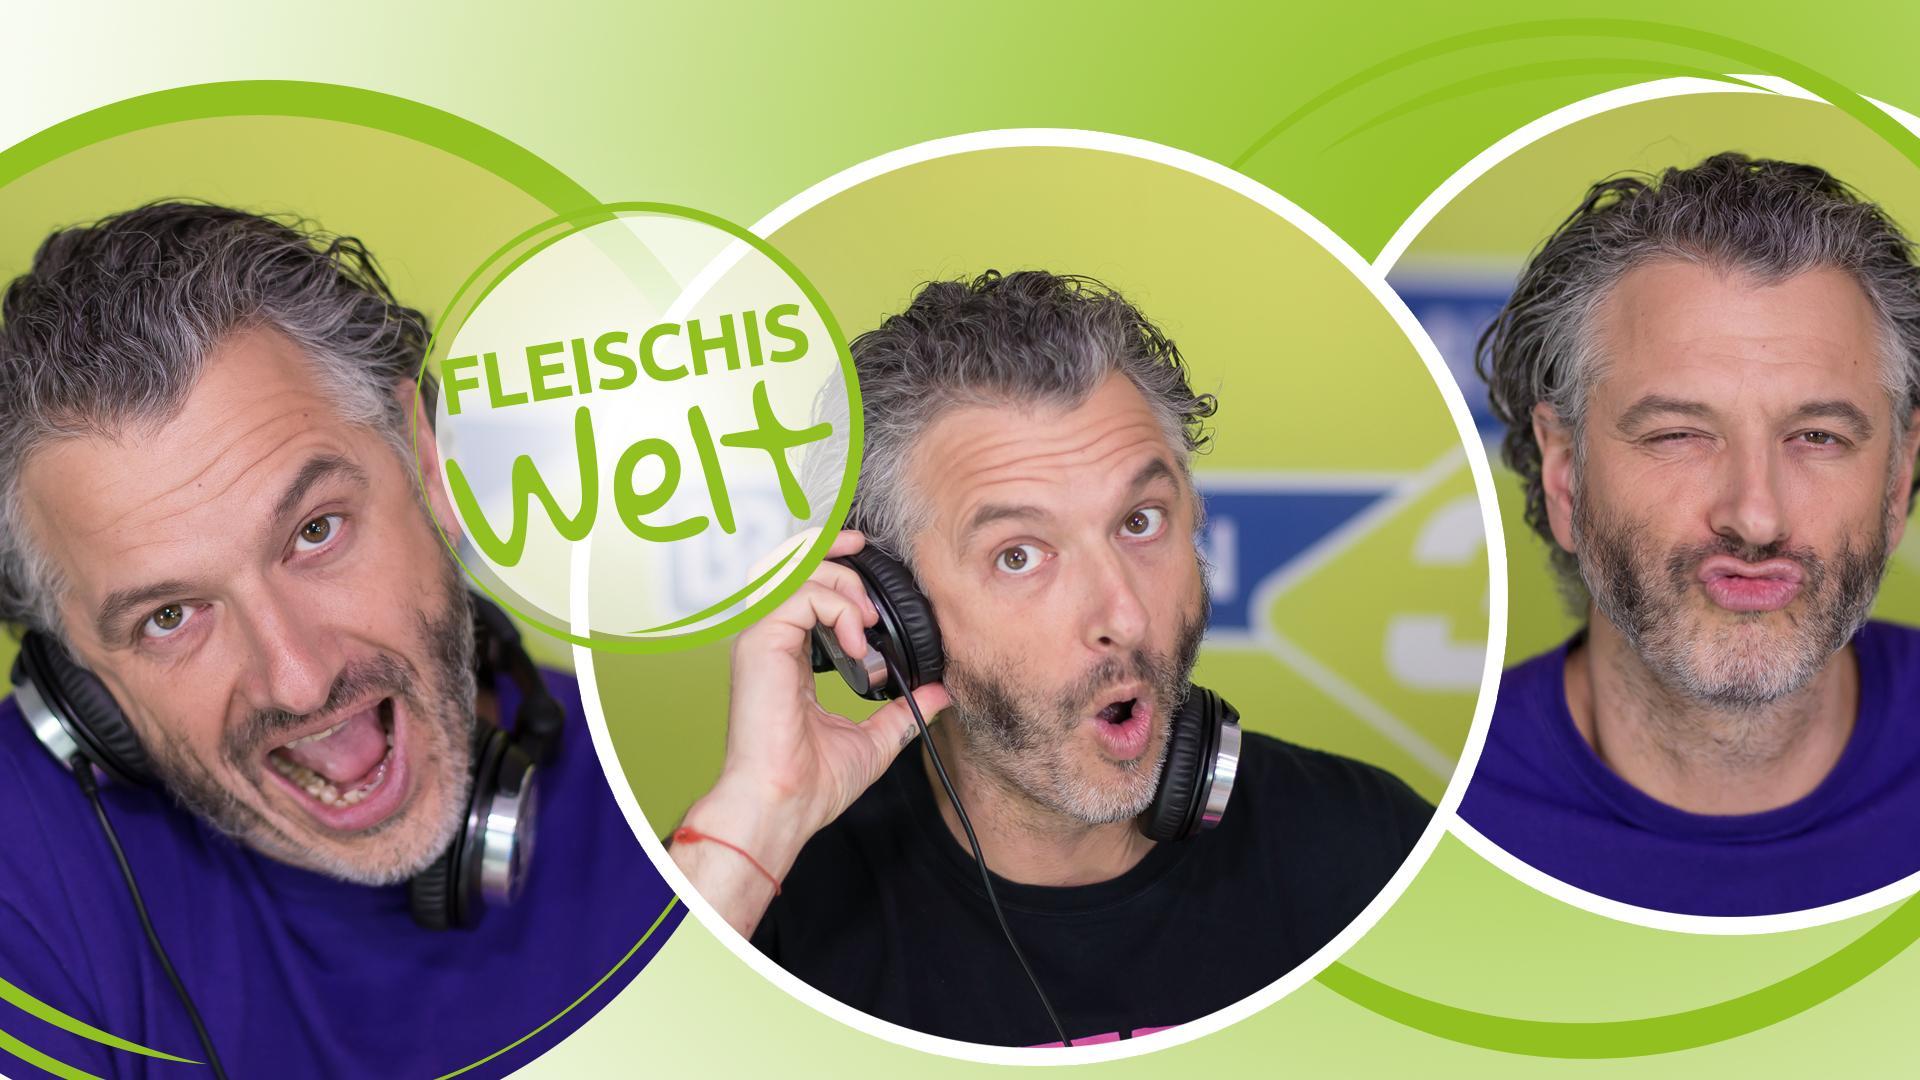 Fleischi Bayern 3